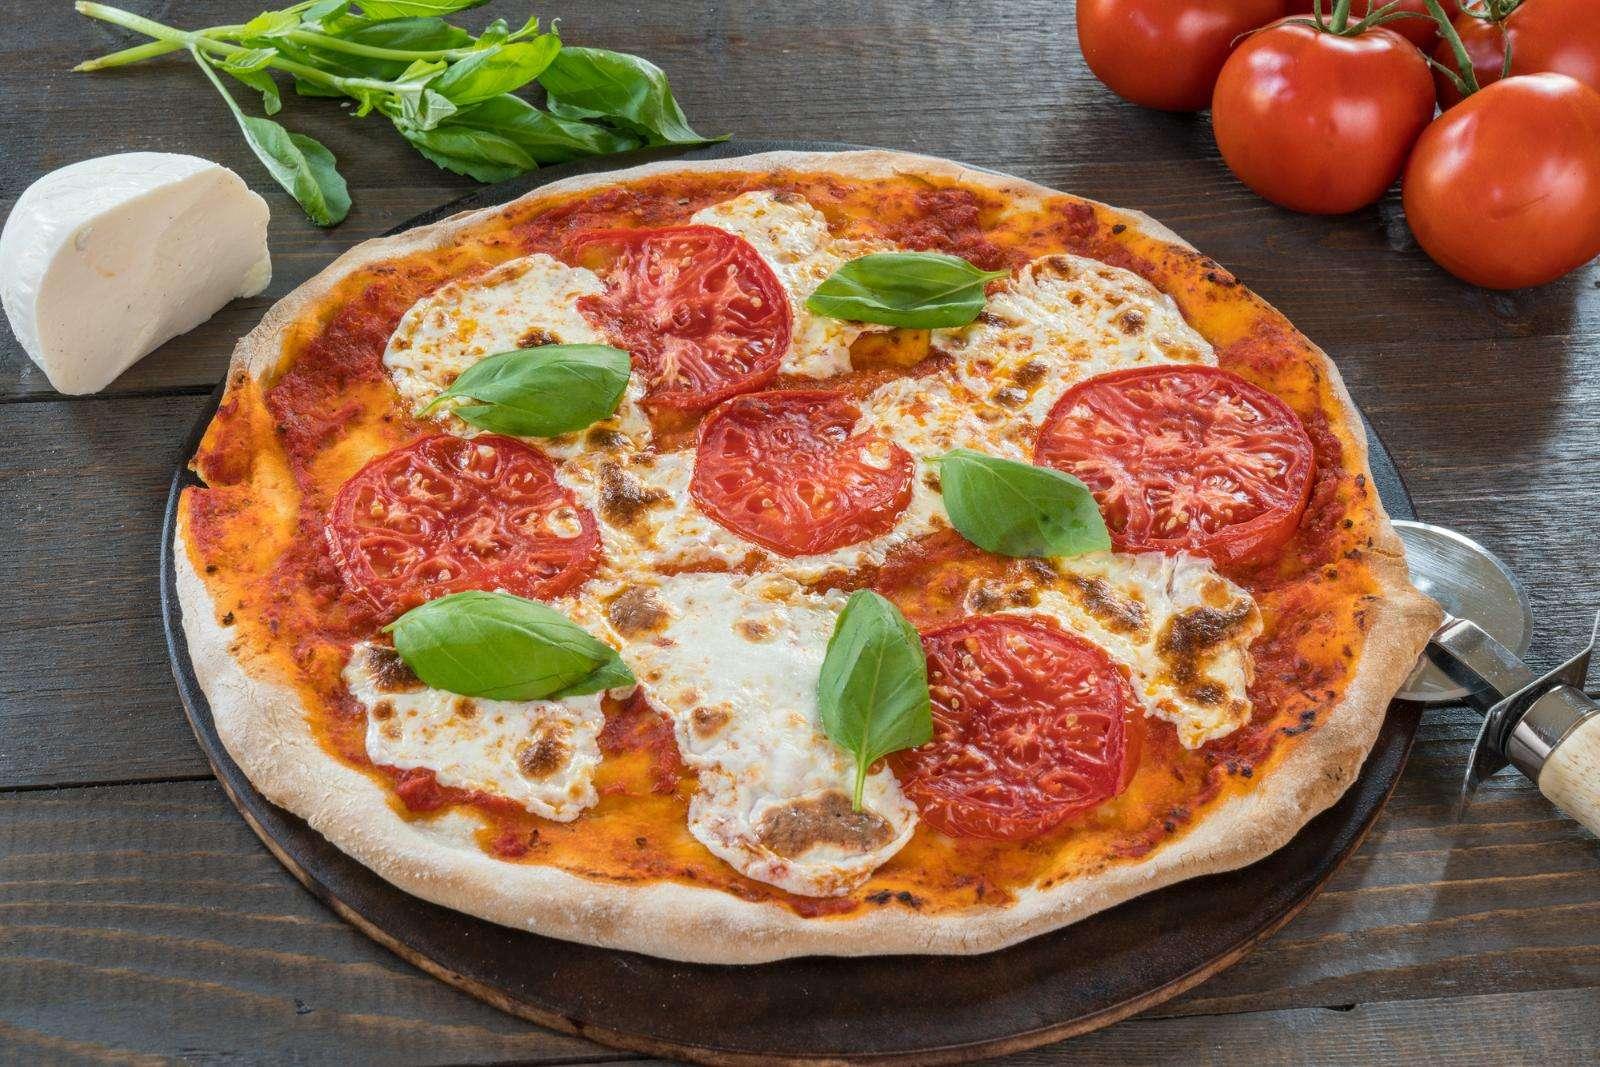 Для вкусной пятницы! Готовим сочную дрожжевую пиццу с двойной начинкой